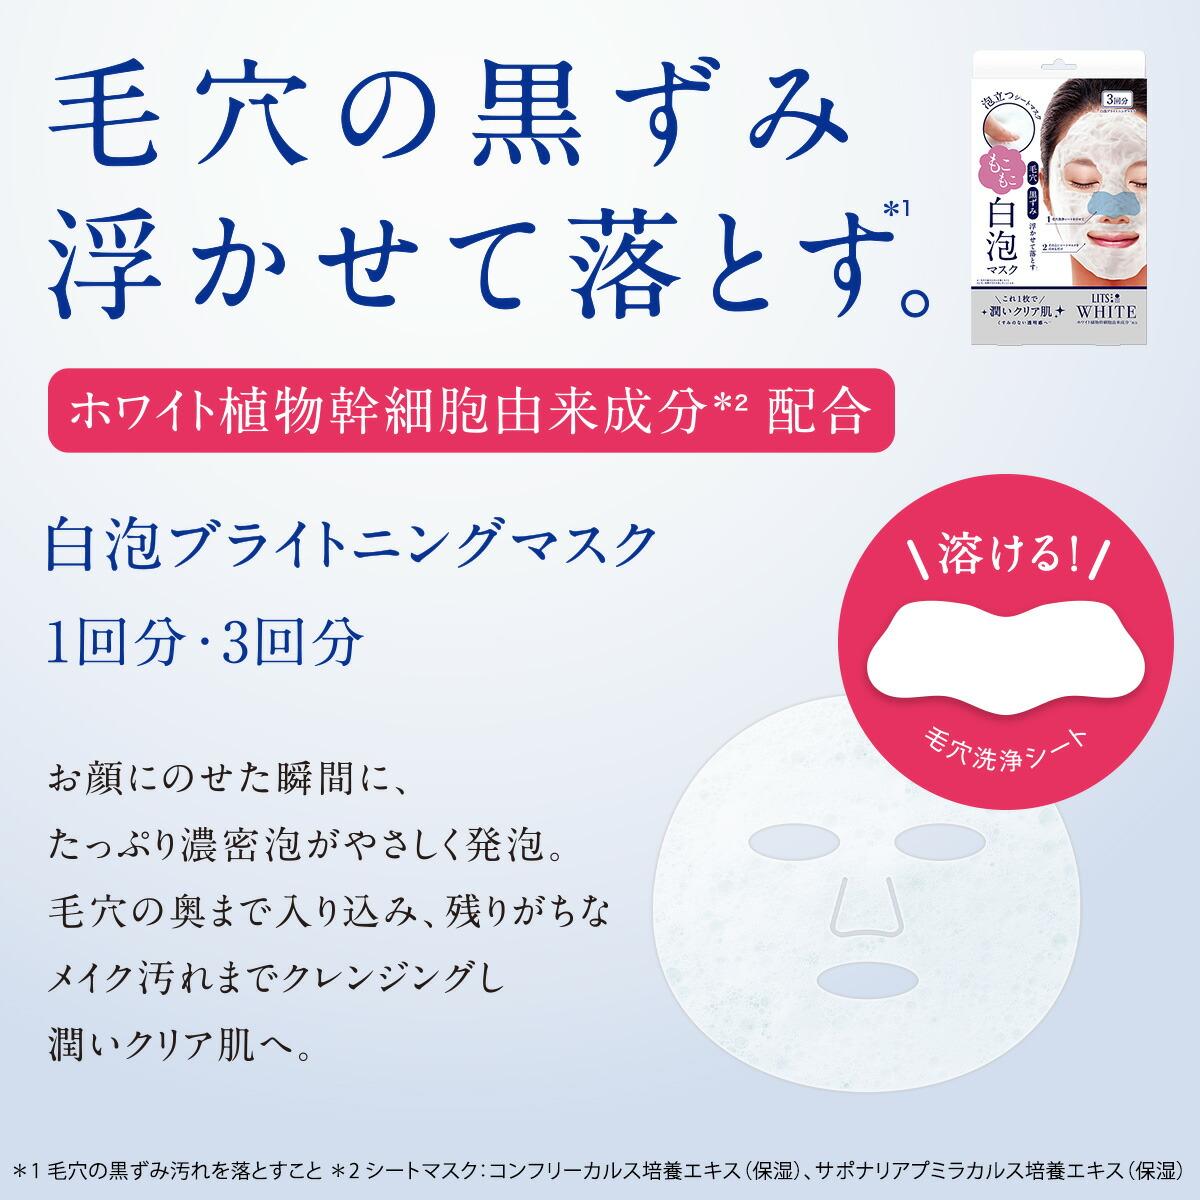 ネイチャーラボ公式:アクネスラボ 洗顔フォーム 150ml・イメージ写真3